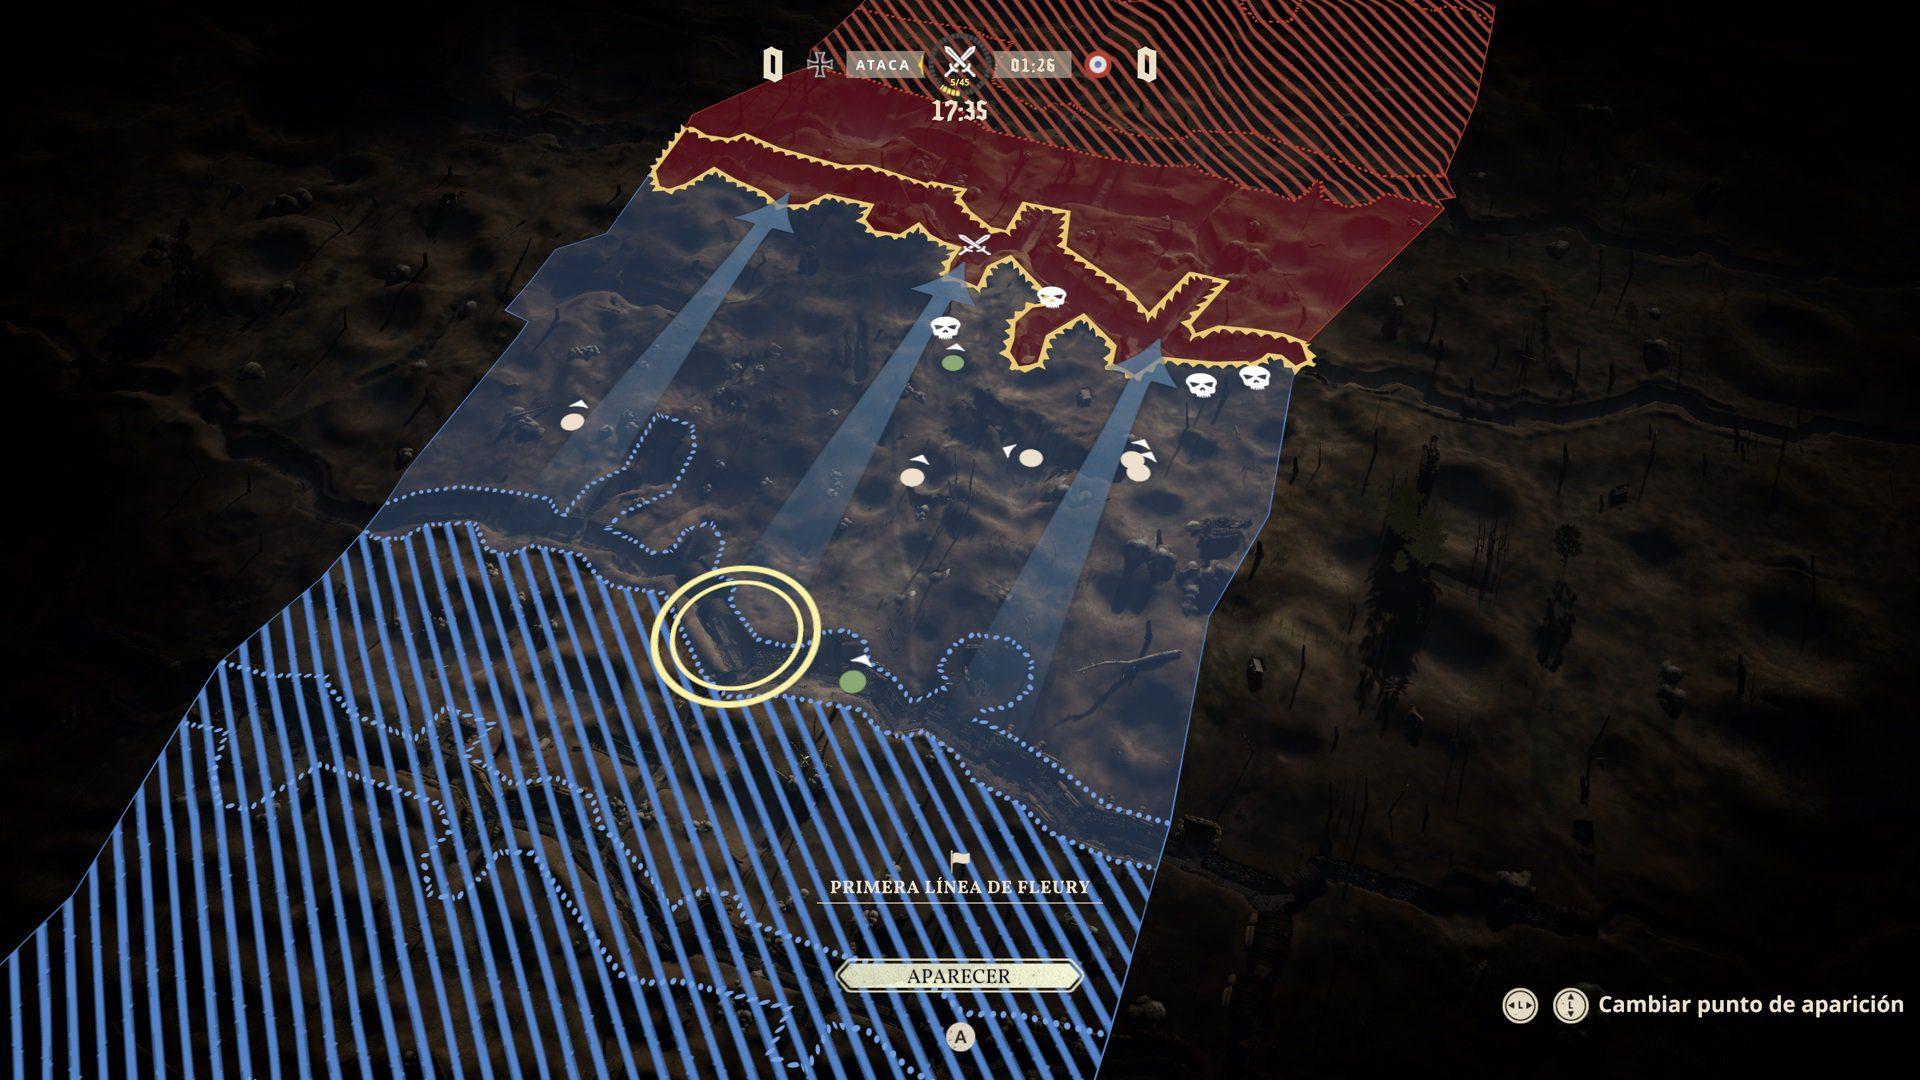 Impresiones: Verdun lanza una increíble actualización gratuita que remasteriza el juego